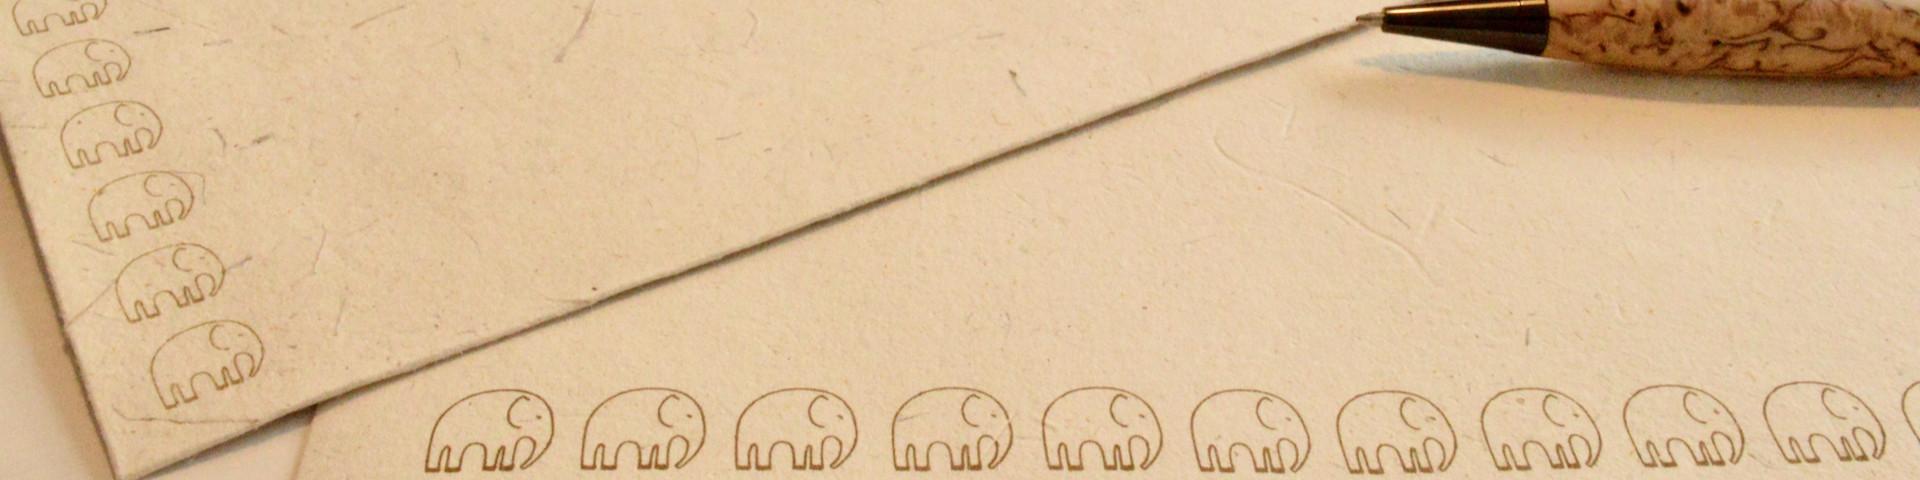 umweltfreundliche Papierwaren zum Schutz der Elefanten